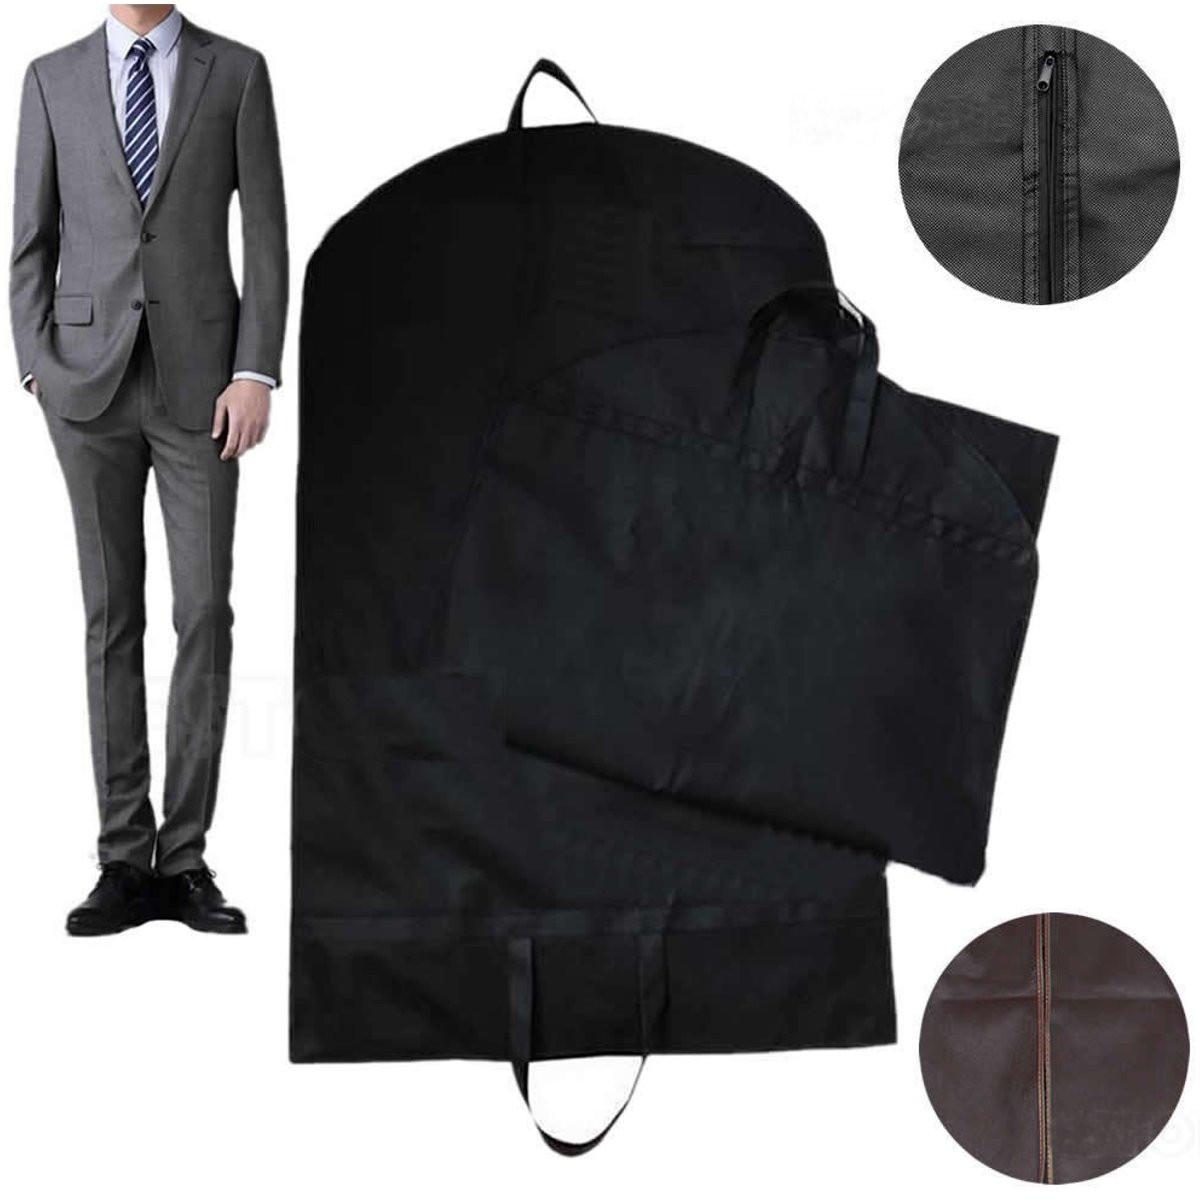 Housse de vtement housse pour vtement grande largeur for Housse transport costume